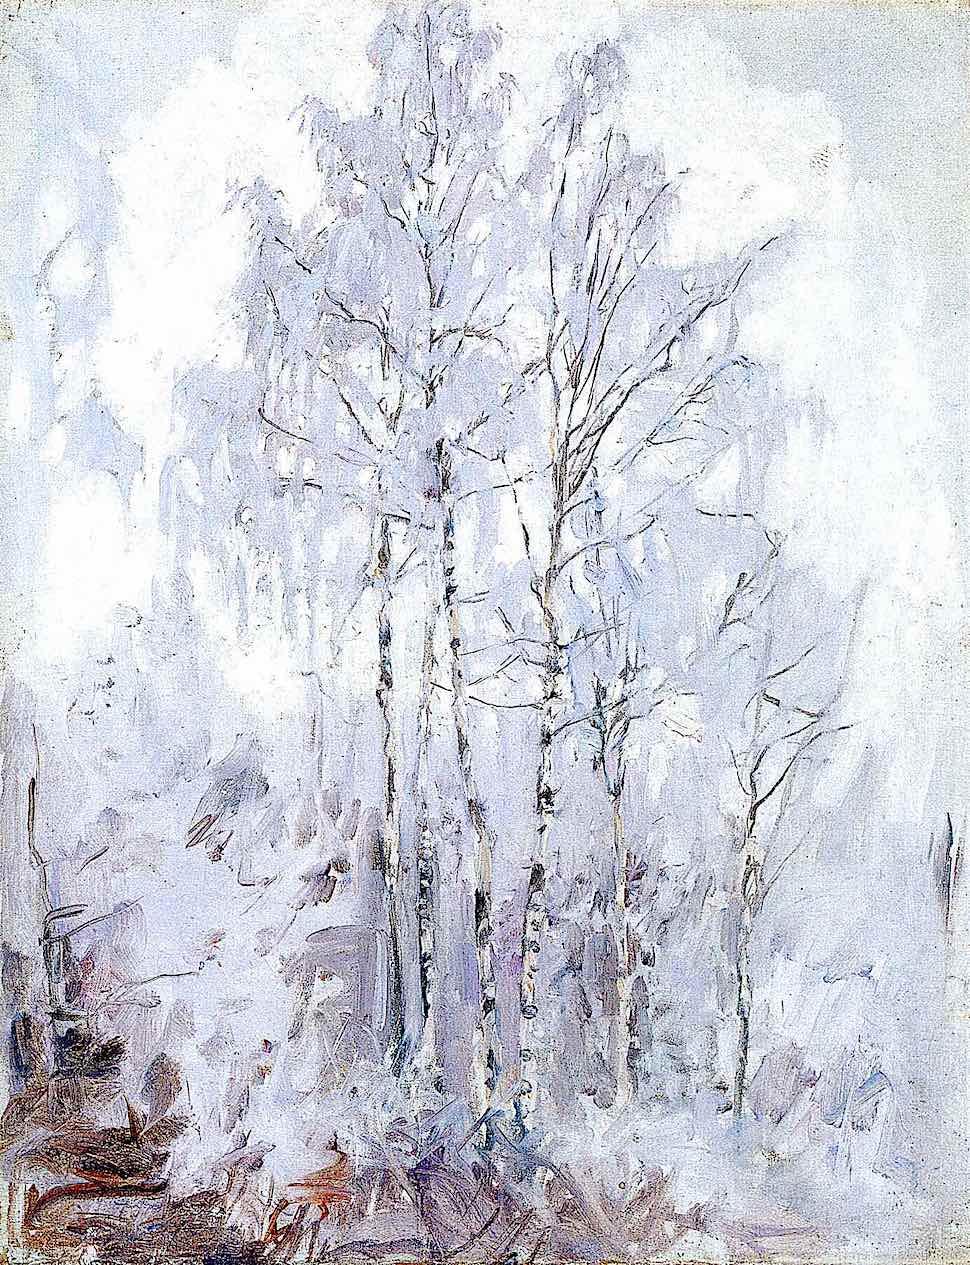 Akseli Gallen-Kallela 1894 trees in winter snow